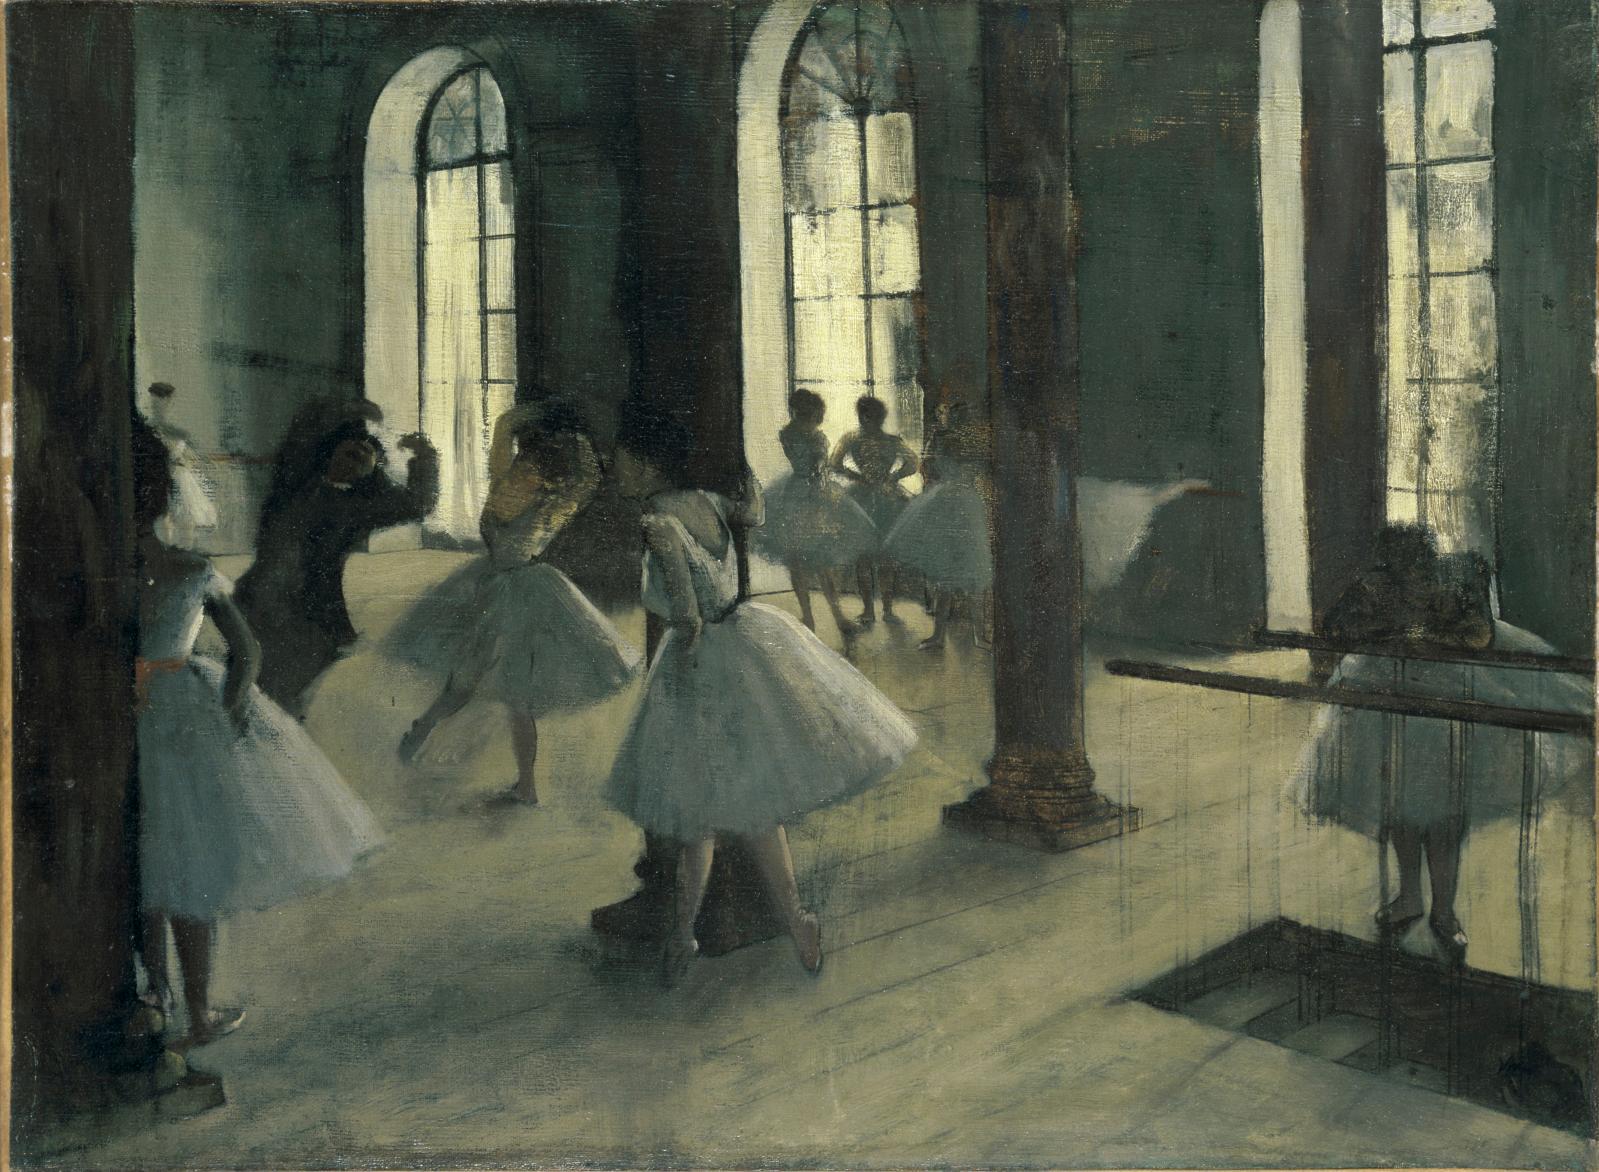 La Répétition au foyer de la danse, vers 1870-1872, huile sur toile, Washington DC, The Phillips Collection.